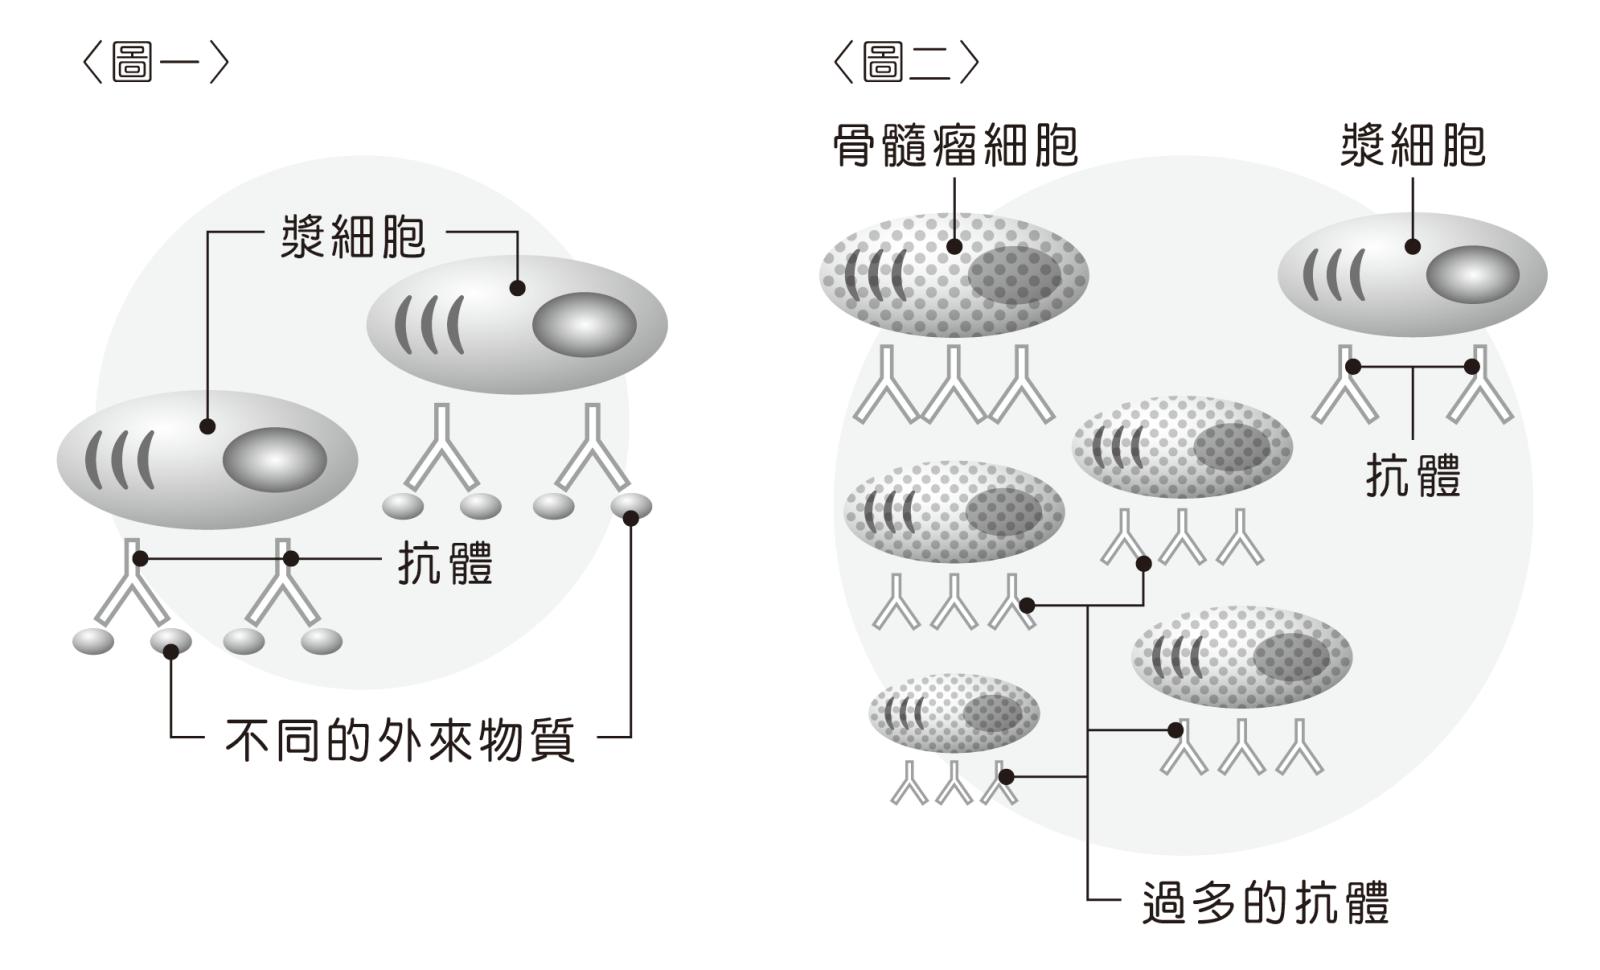 骨髓細胞示意圖